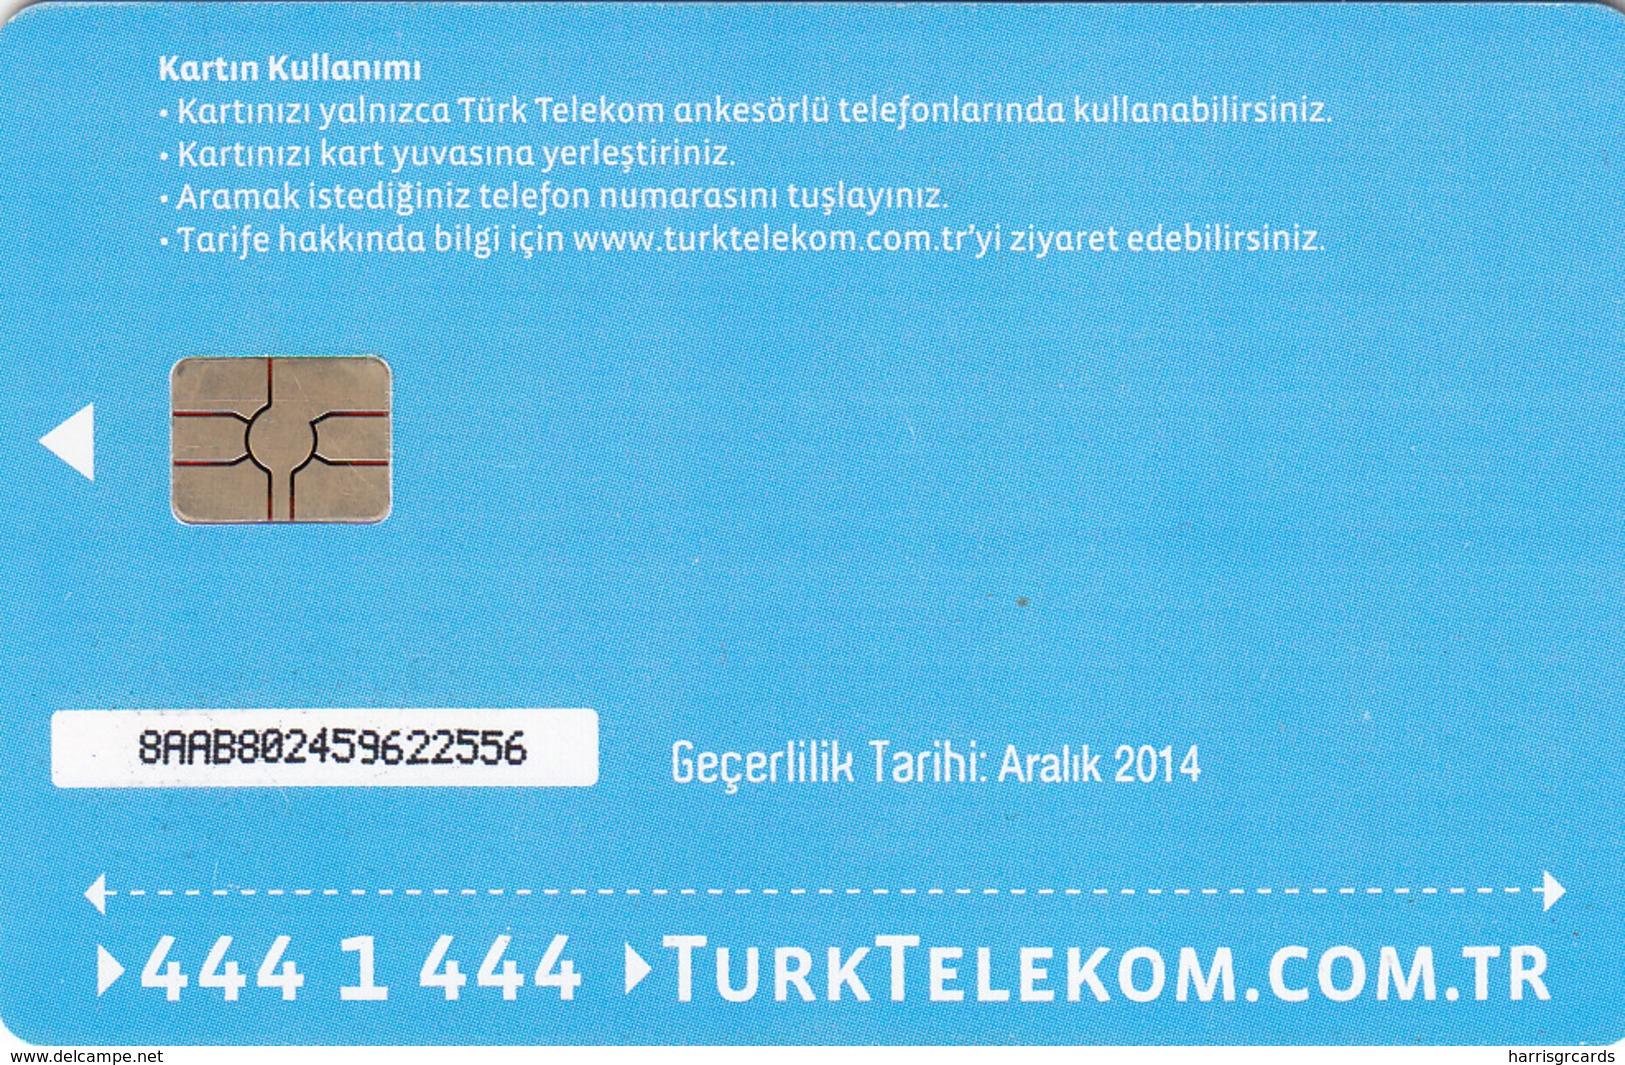 TURKEY - Tüm Aramalar İçin Arama Kartı , Aralık 2014, Gemplus - GEM5 (Red) , 4 ₤ - Turkish Lira ,07/12, Used - Turquie